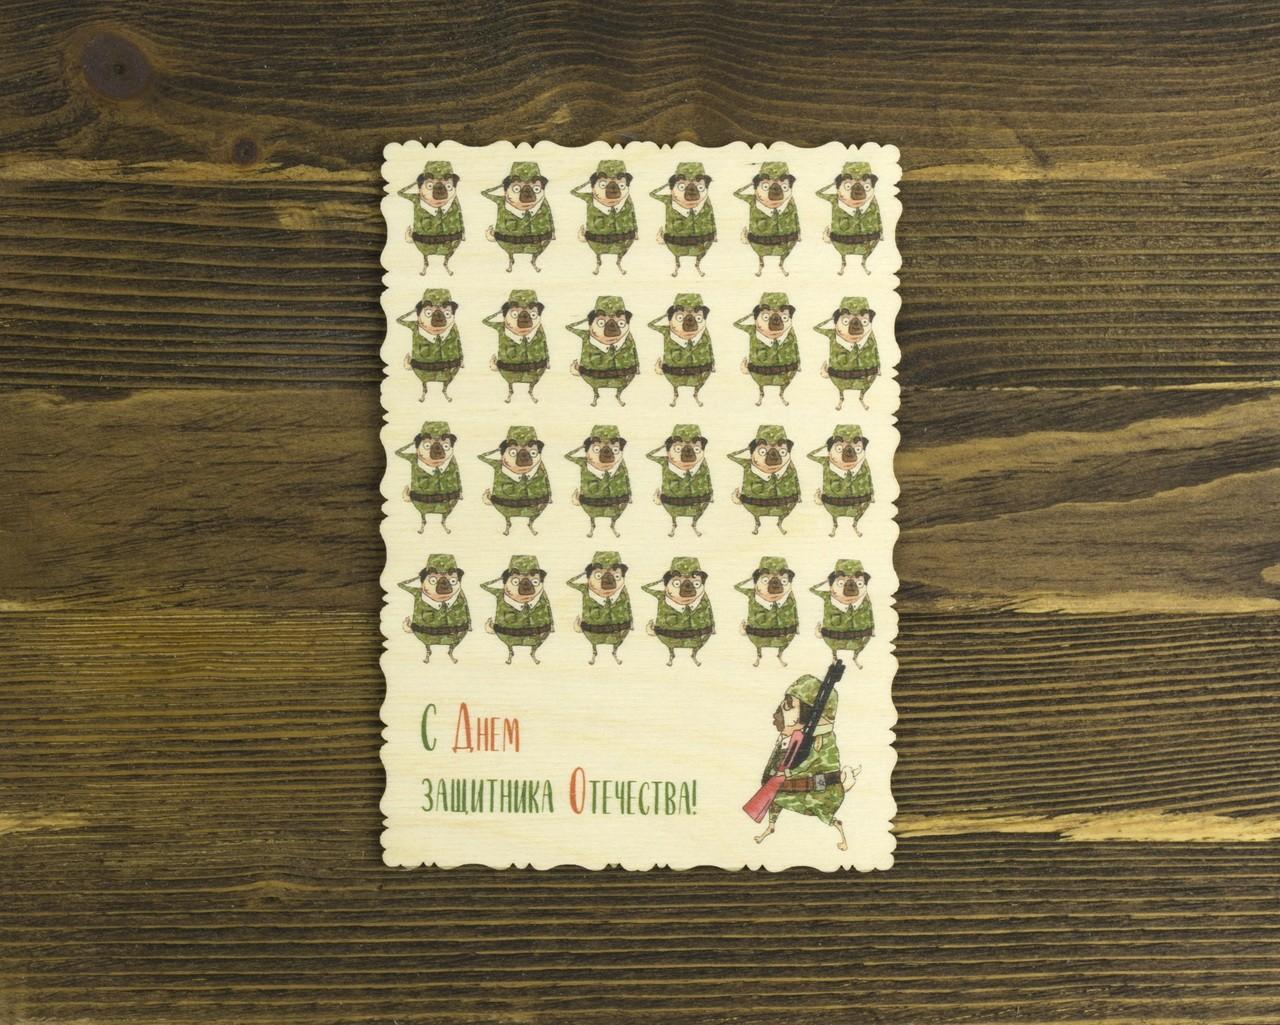 """Деревянная открытка """"С Днём защитника Отечества"""" Ирины Тузовой"""